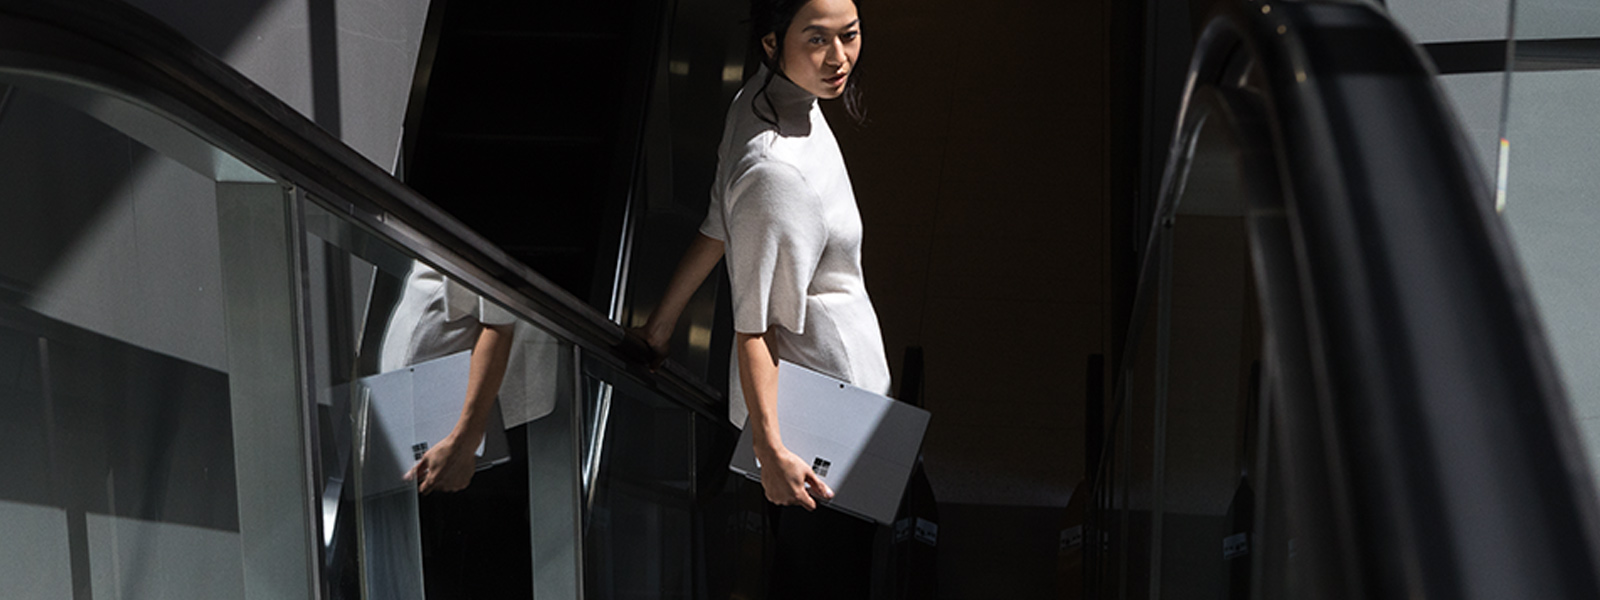 Frau hält Surface Pro, während sie auf einer Rolltreppe nach unten fährt.